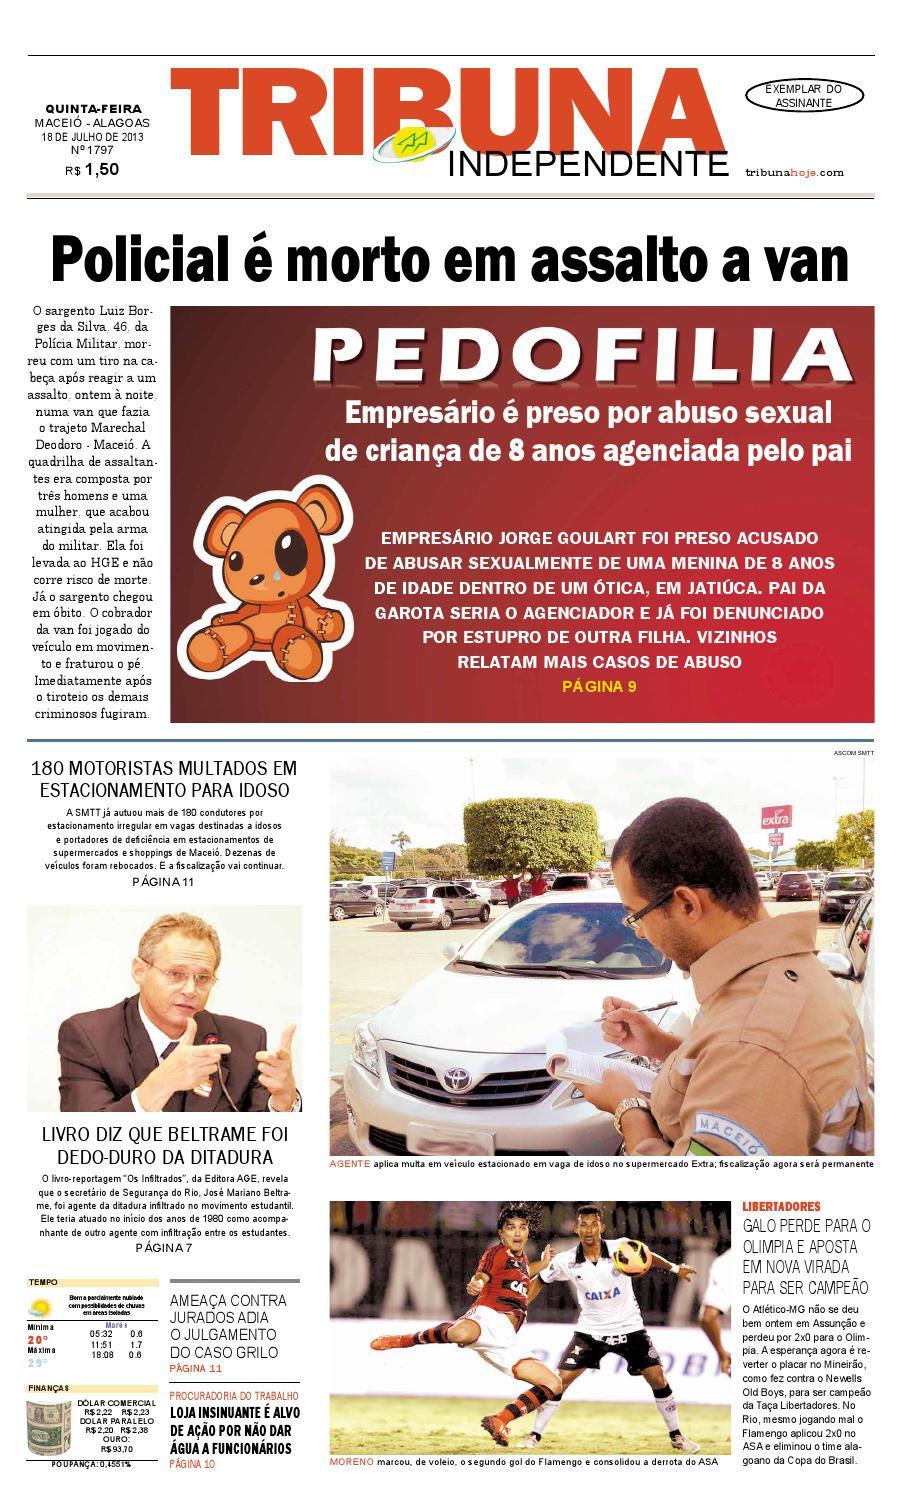 8451733480cd9 Edição número 1797 - 18 de julho de 2013 by Tribuna Hoje - issuu